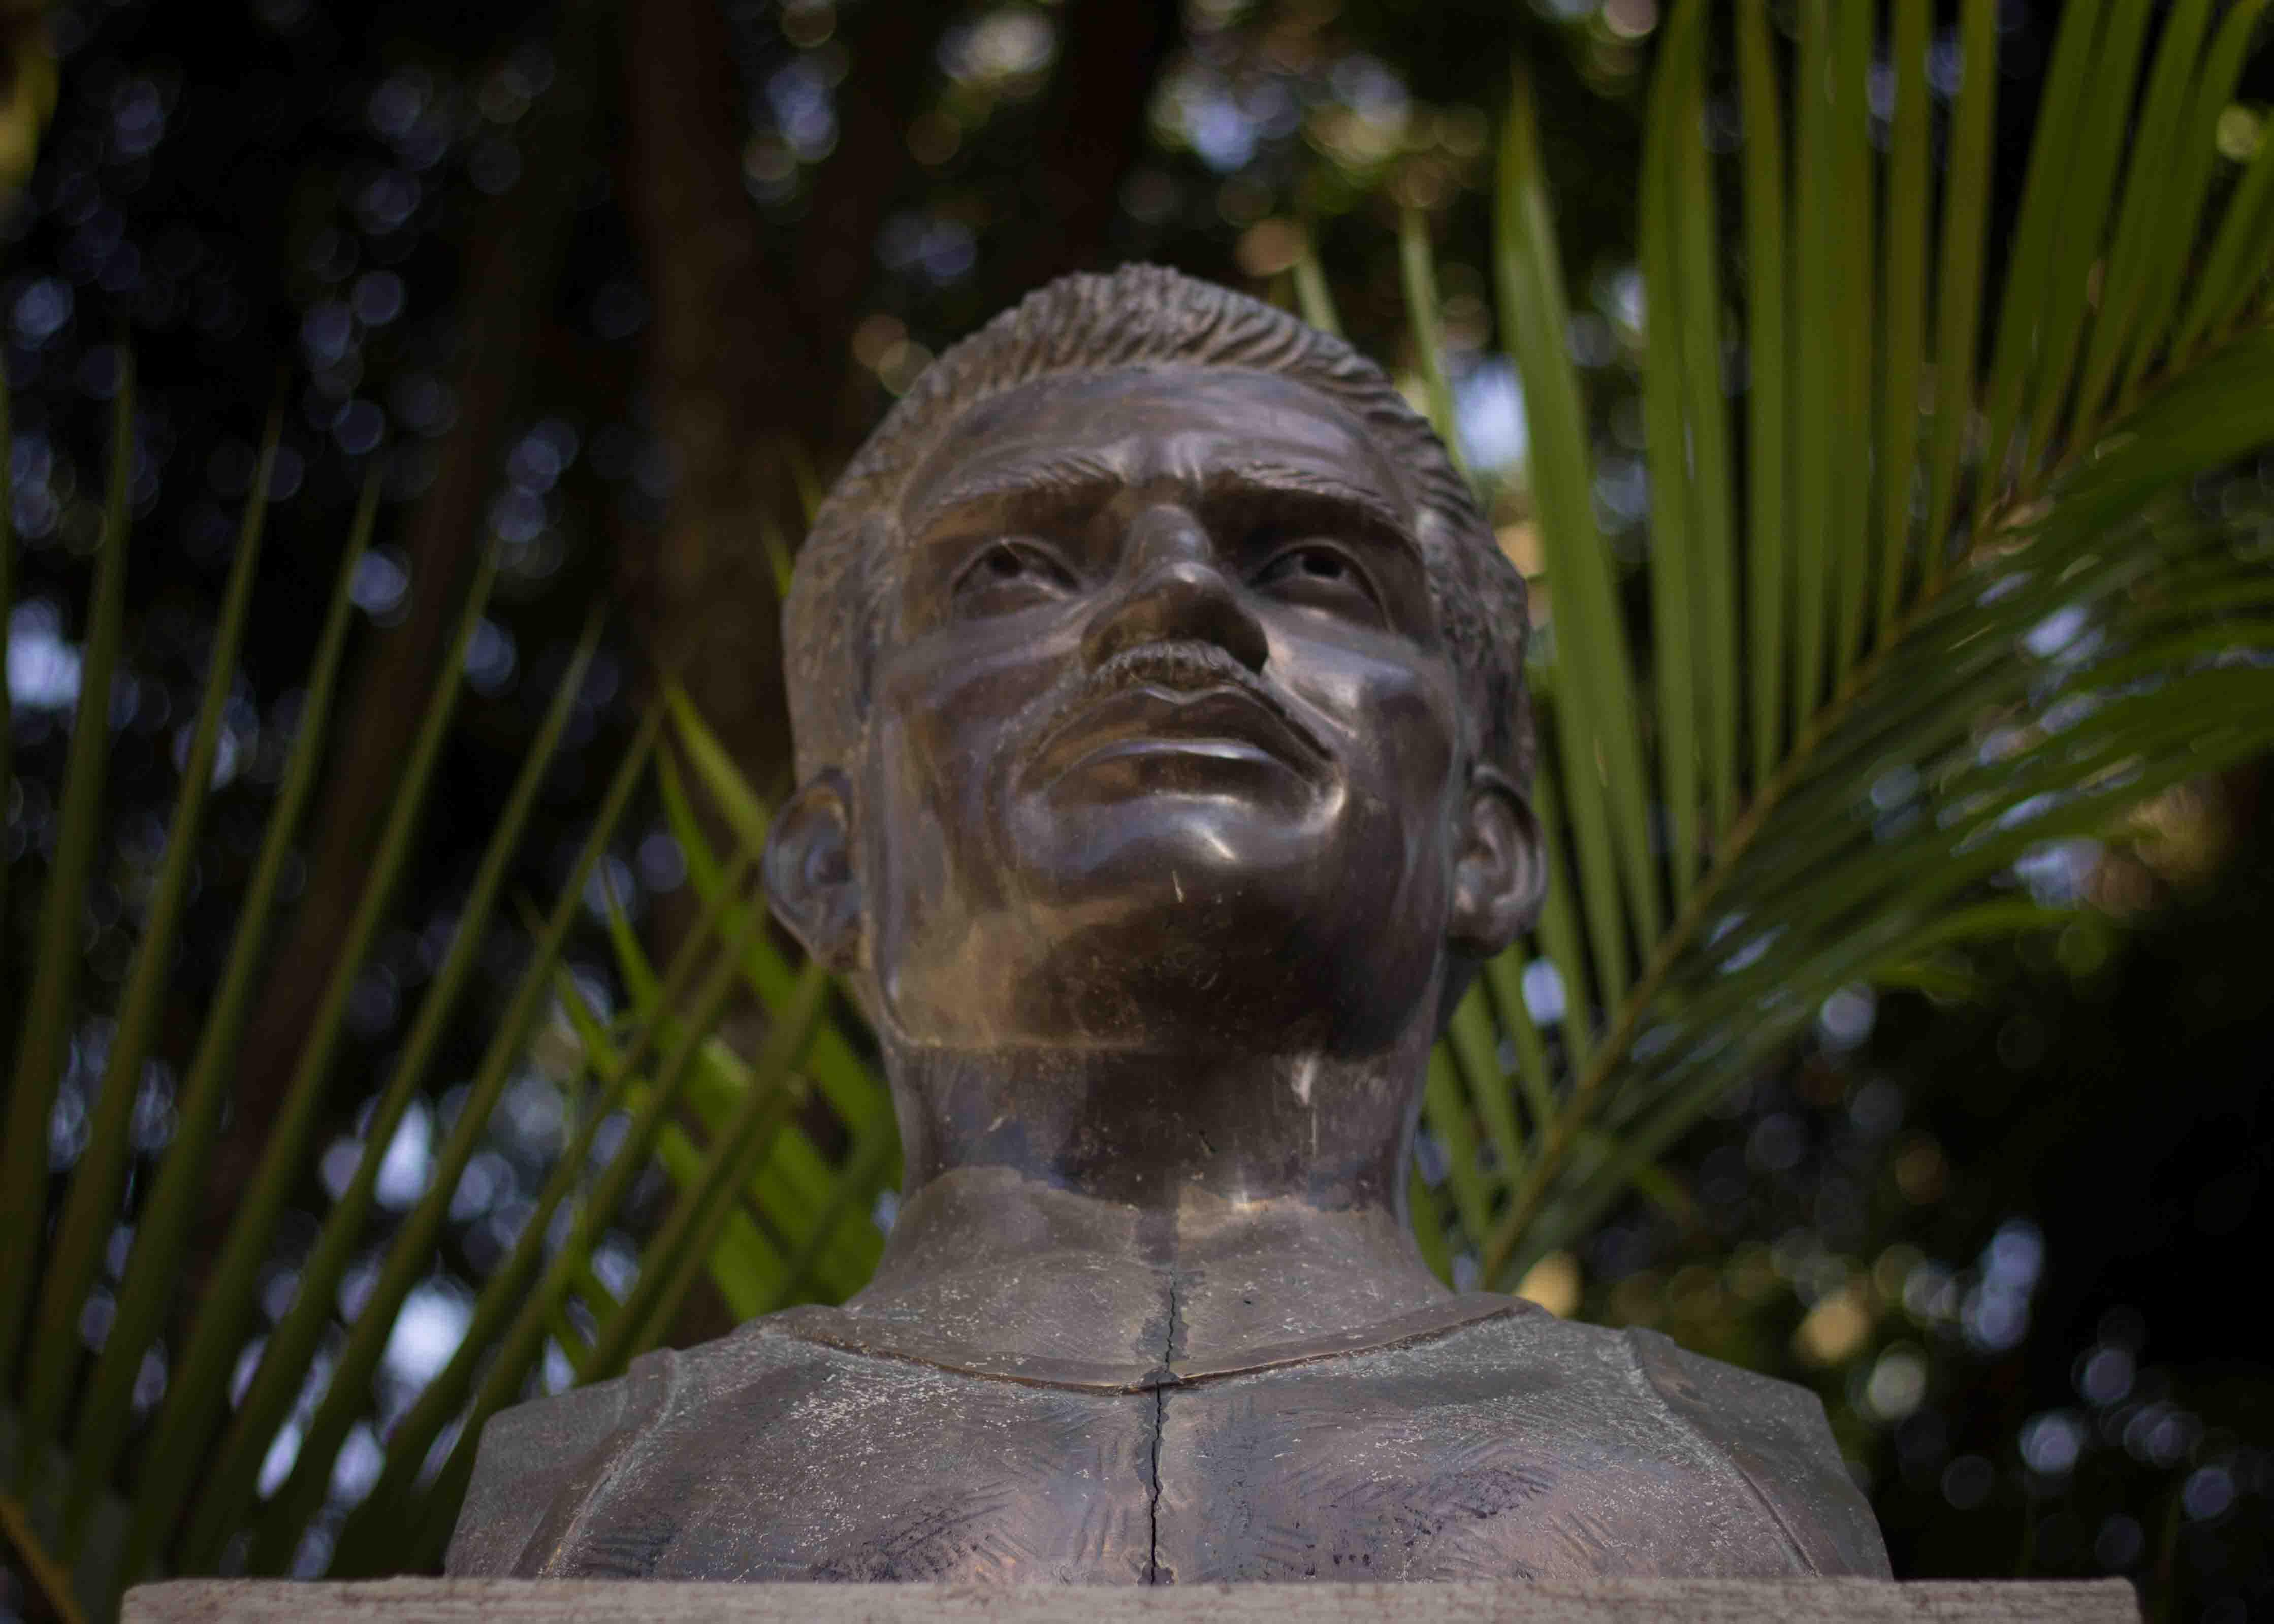 Guamuch: En honor al atleta Mateo Flores -nacido Salvador Guamuch- una estatua lo inmortaliza a un costado del estadio, en la entrada preferencial: reservada para jugadores, entrenadores y estrellas de rock.